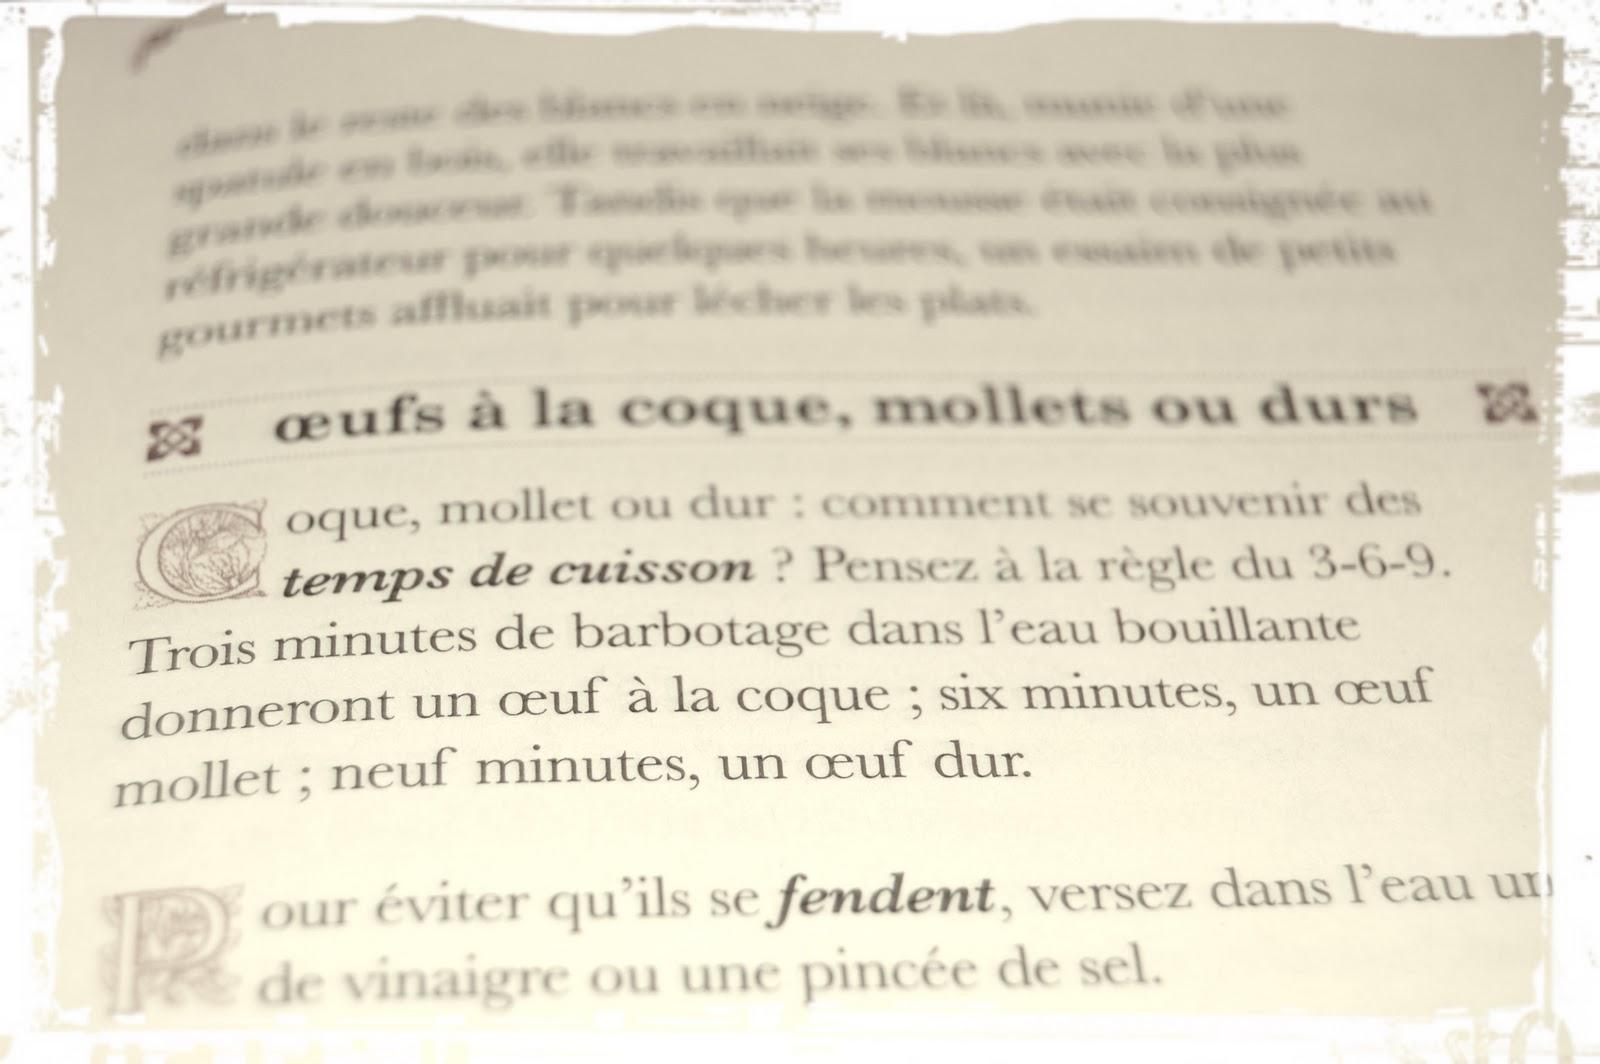 Mon petit fourbi : Blog Lifestyle - Beauté bio - Photos